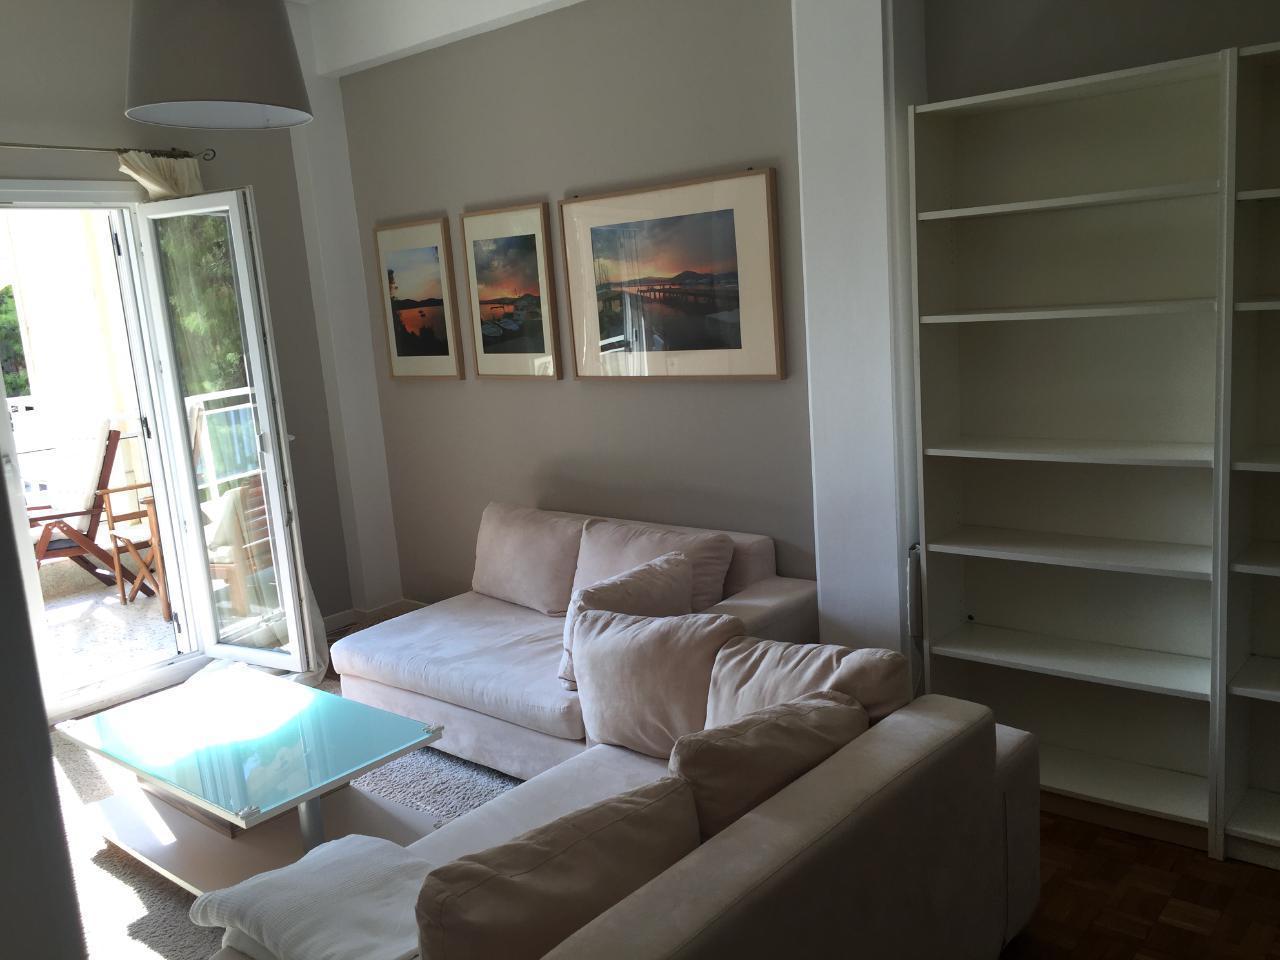 Holiday apartment Varkiza, Athen - Meerblick / 100m vom Meer (639744), Varkiza, , Attica, Greece, picture 3